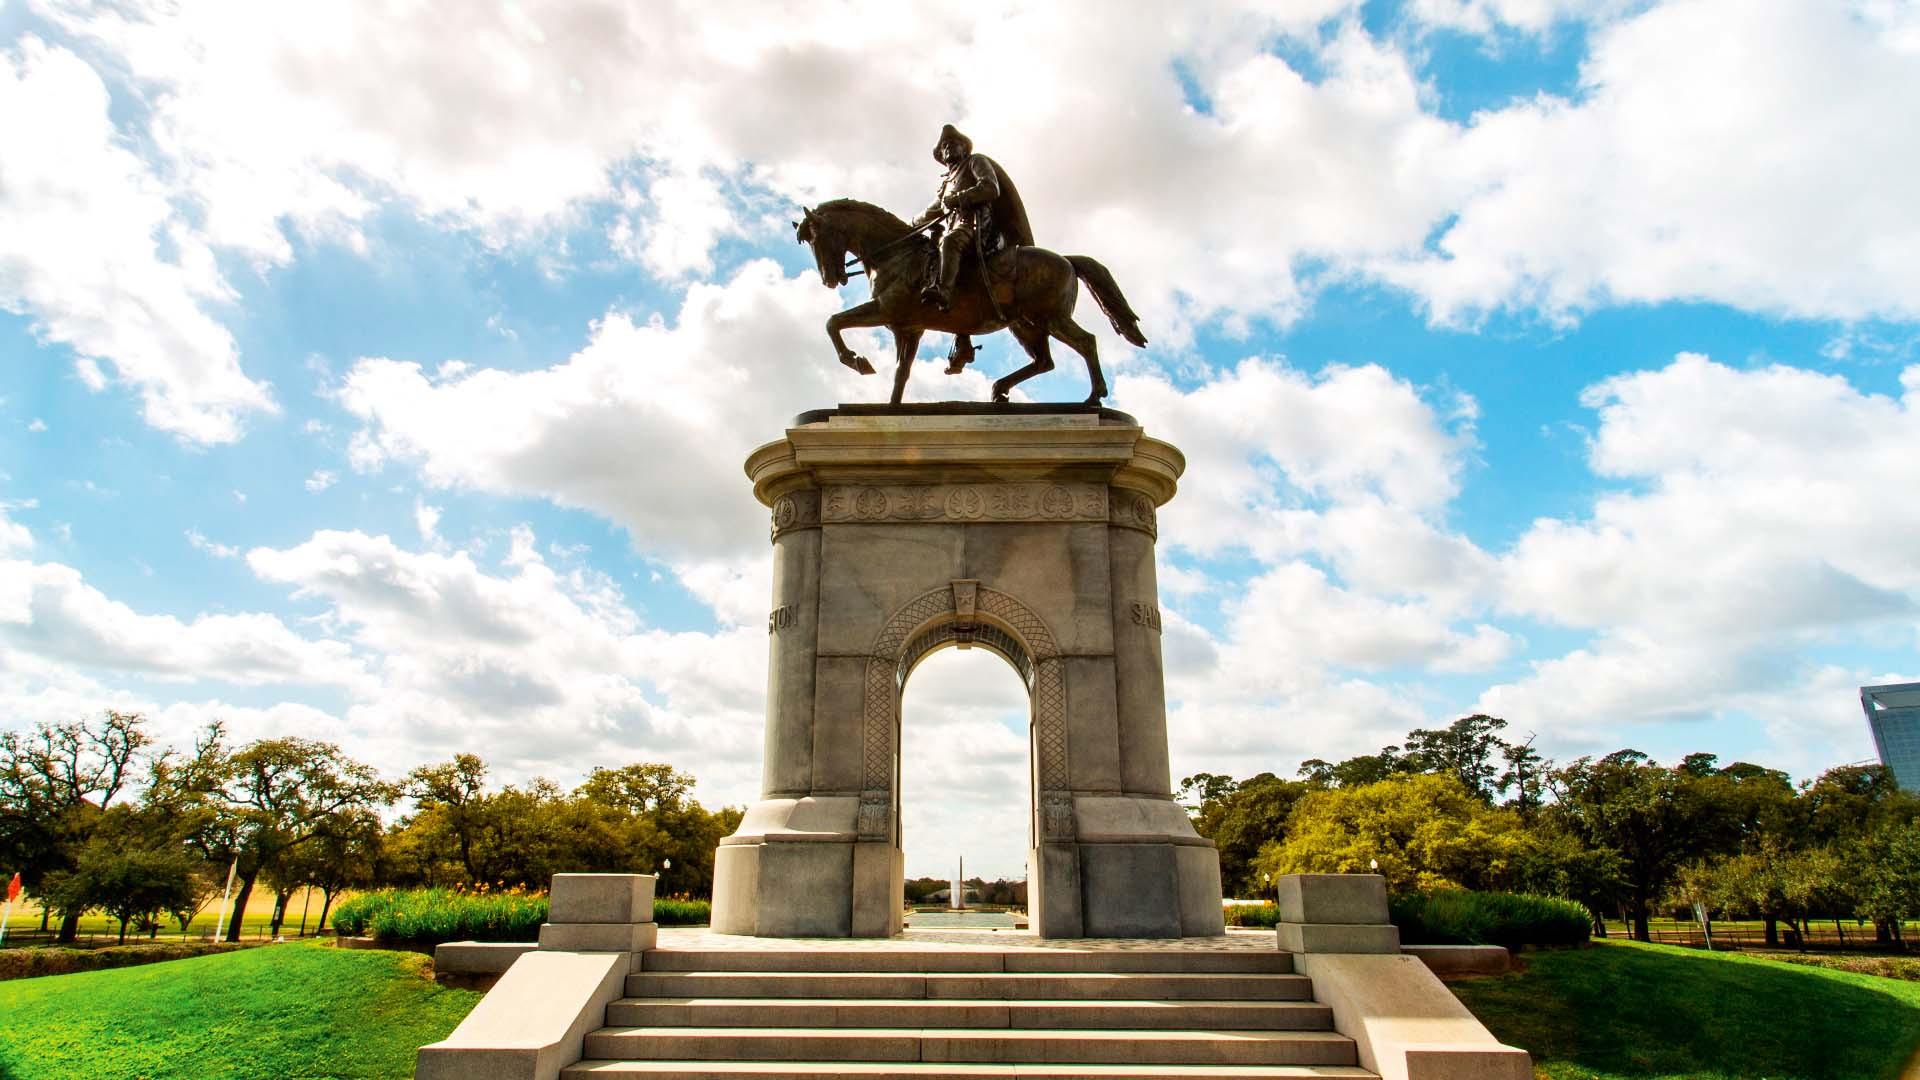 Sam Houston Statue in Hermann Park, Houston, Texas